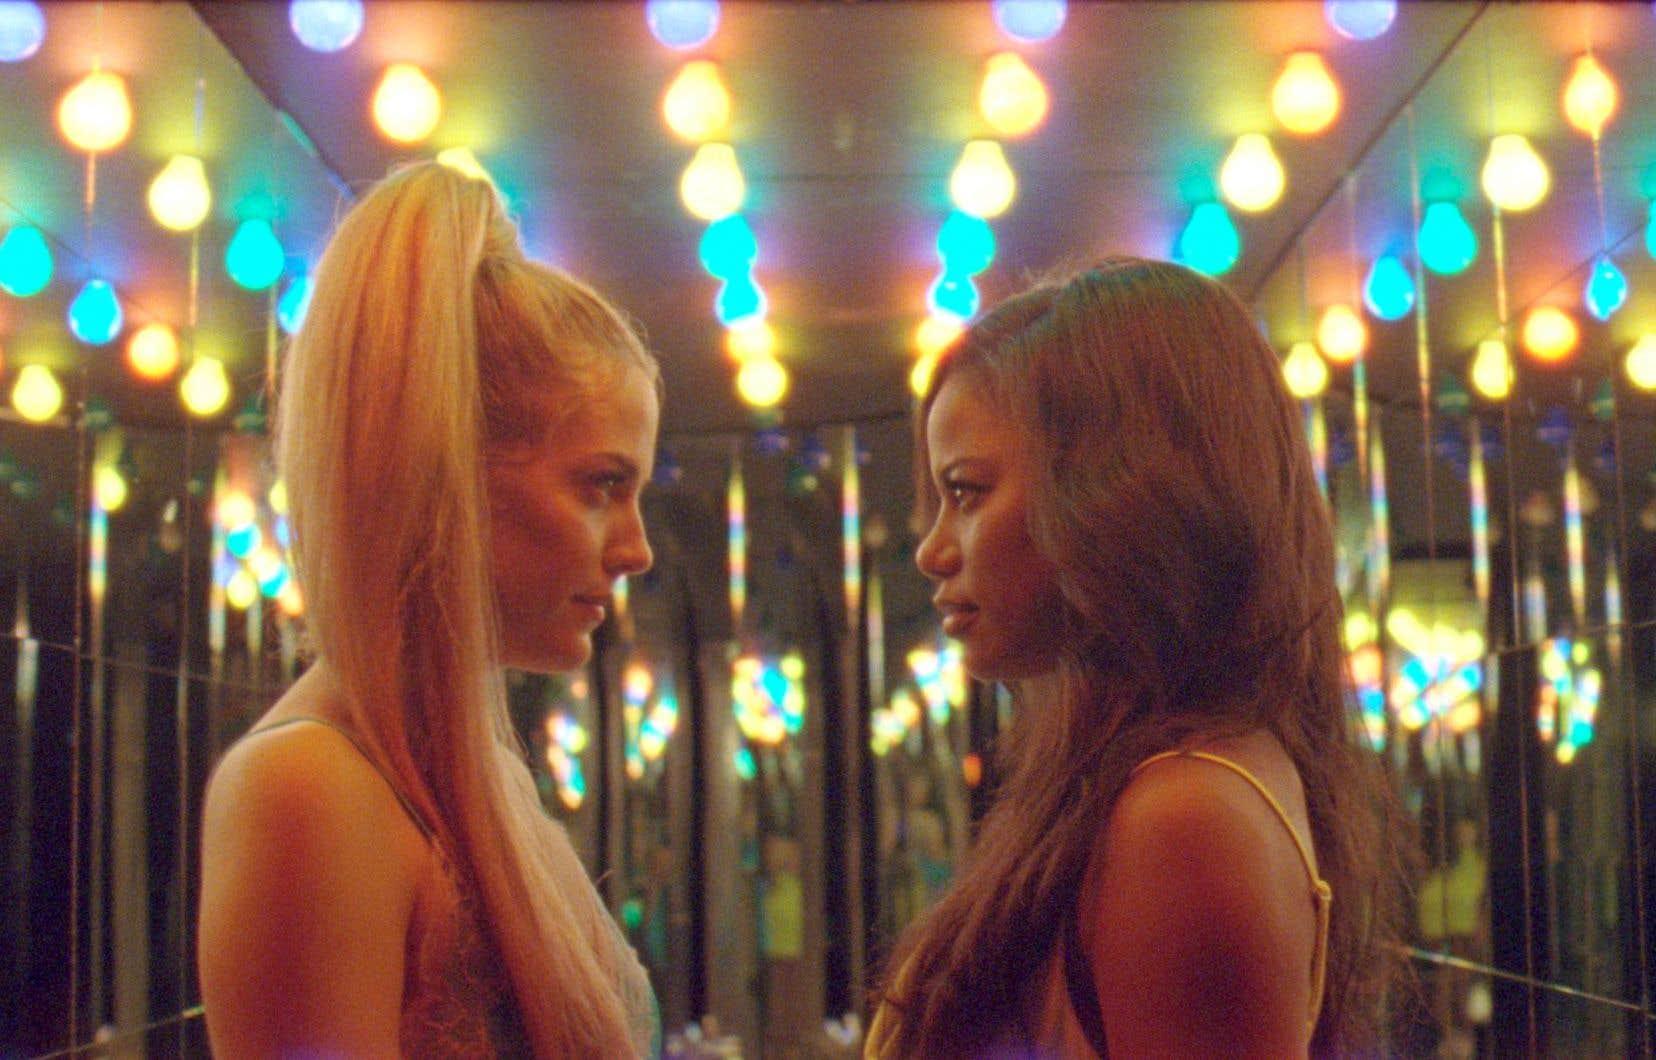 Certaines faiblesses du film sont amplement rachetées par les actrices Riley Keough et Taylour Paige. Elles livrent toutes deux une interprétation phénoménale qui justifie à elle seule le visionnement.